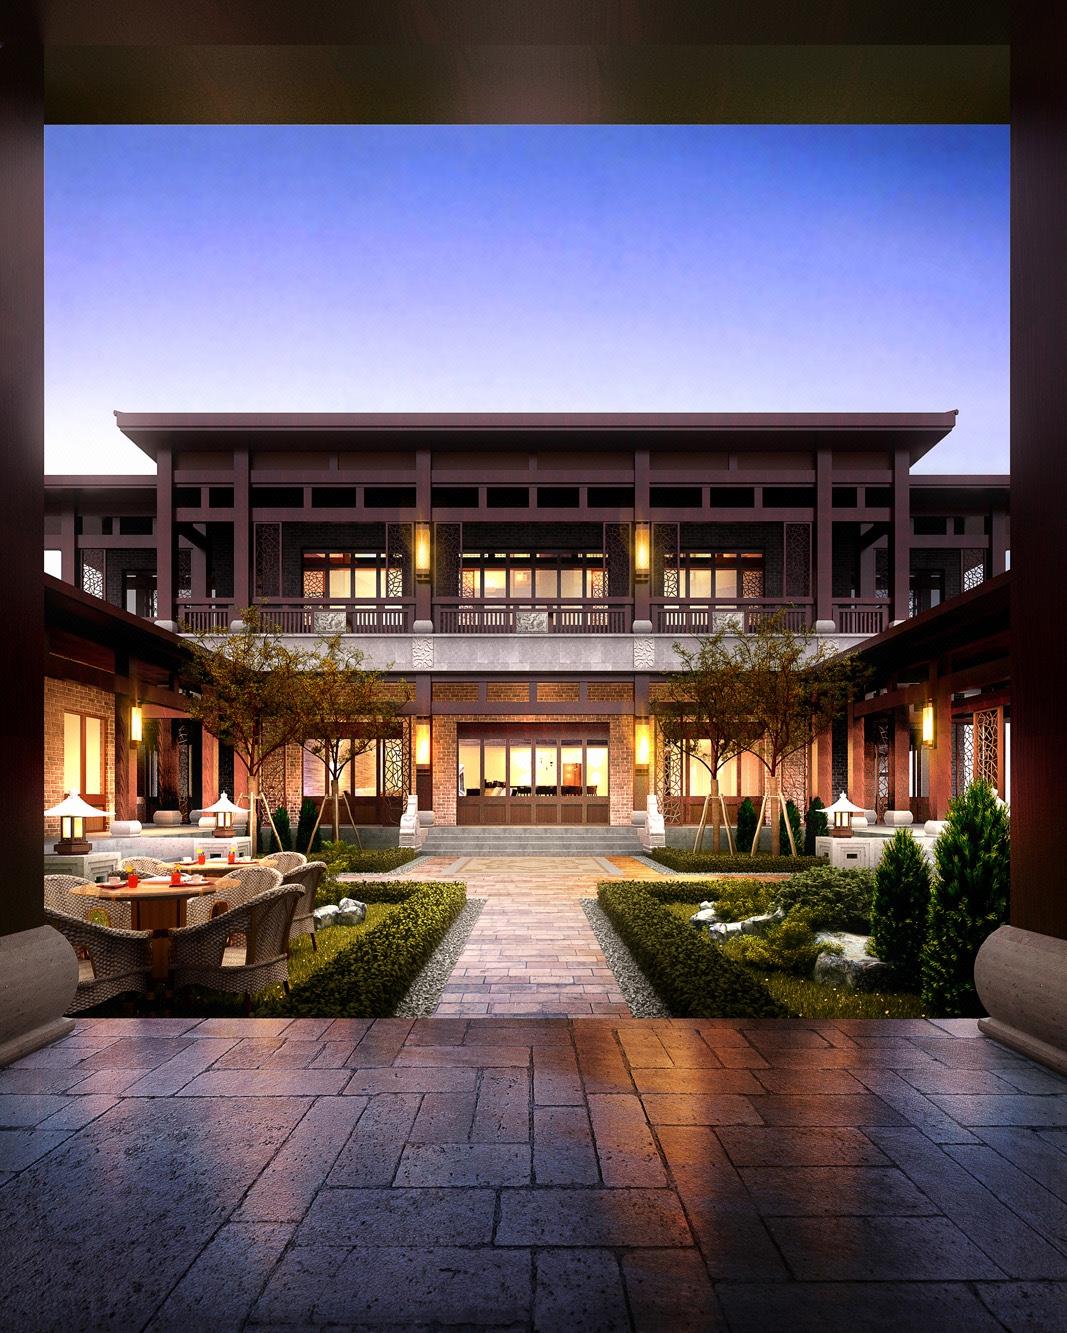 定制 别墅效果图 别墅外观改造设计 别墅外立面 3D建模渲染